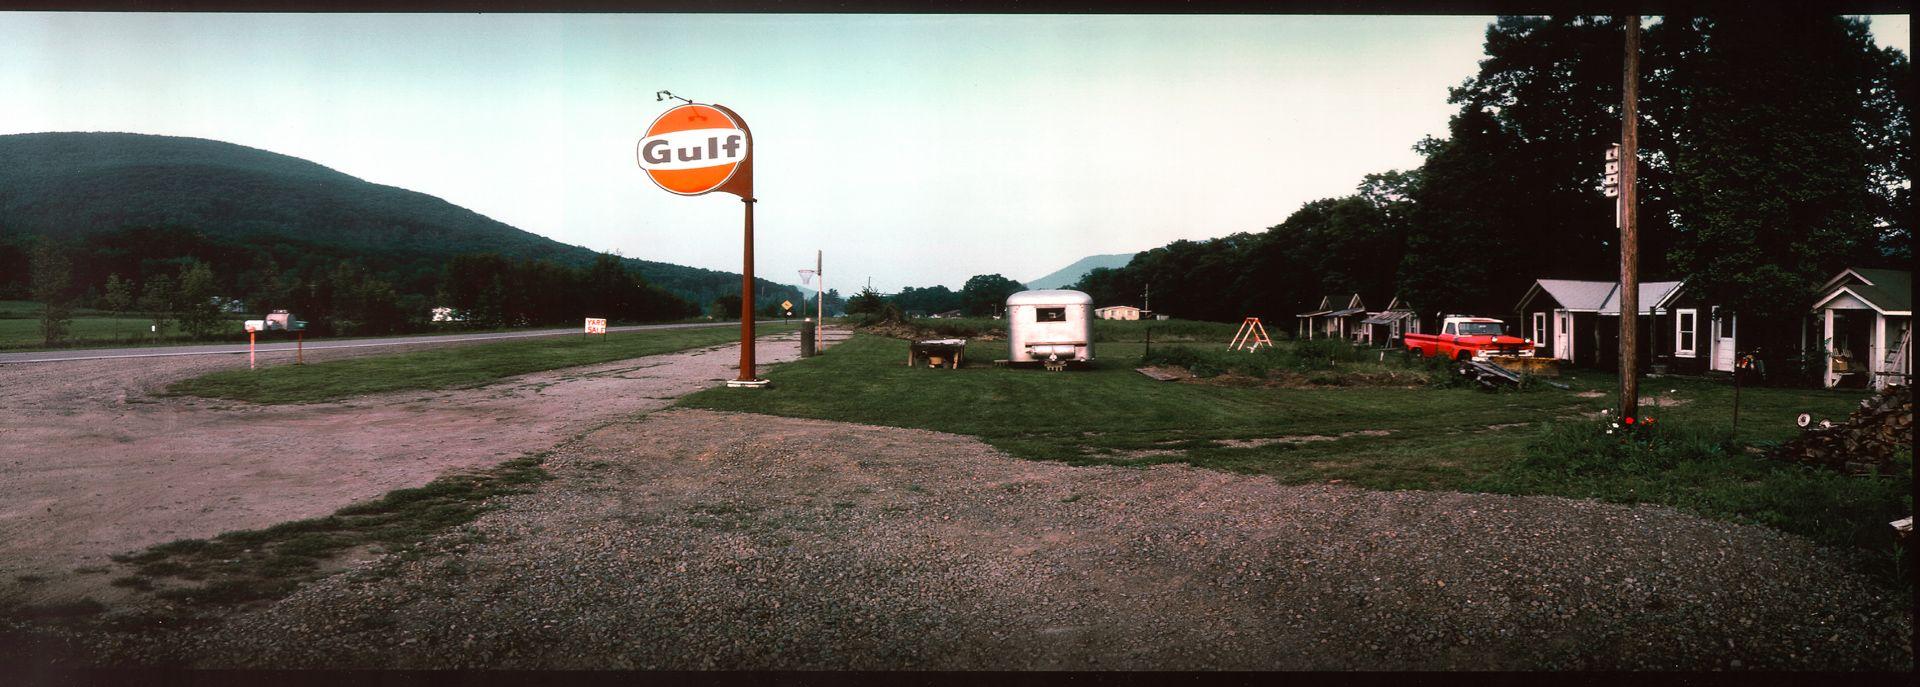 GULFstation PA.jpg